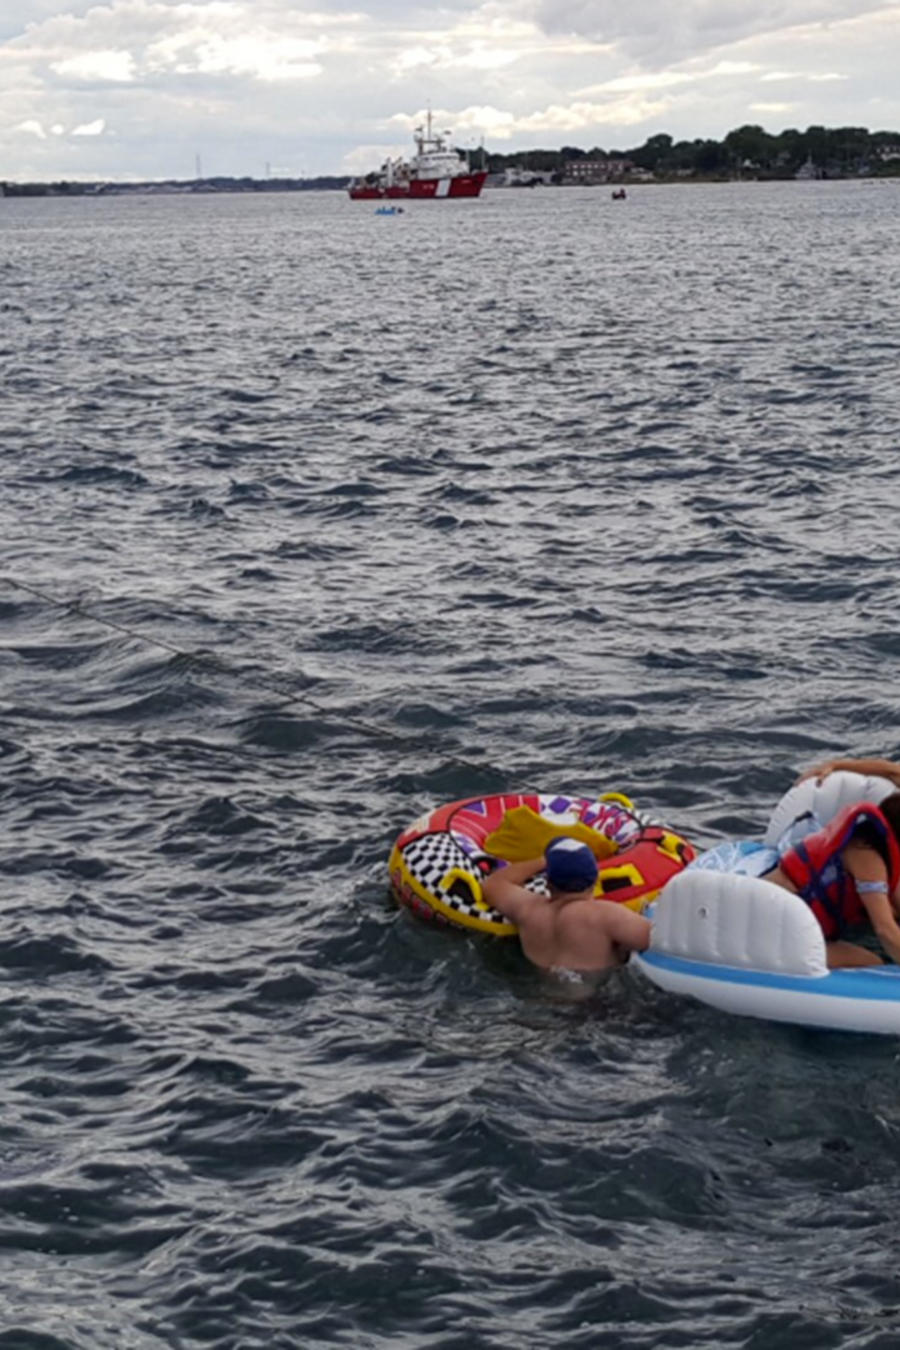 Guardia Costera de Canadá rescata a personas en balsas inflables. Cerca de 1.500 personas cruzaron la frontera desde Michigan debido a los fuertes vientos en el río St. Clair.